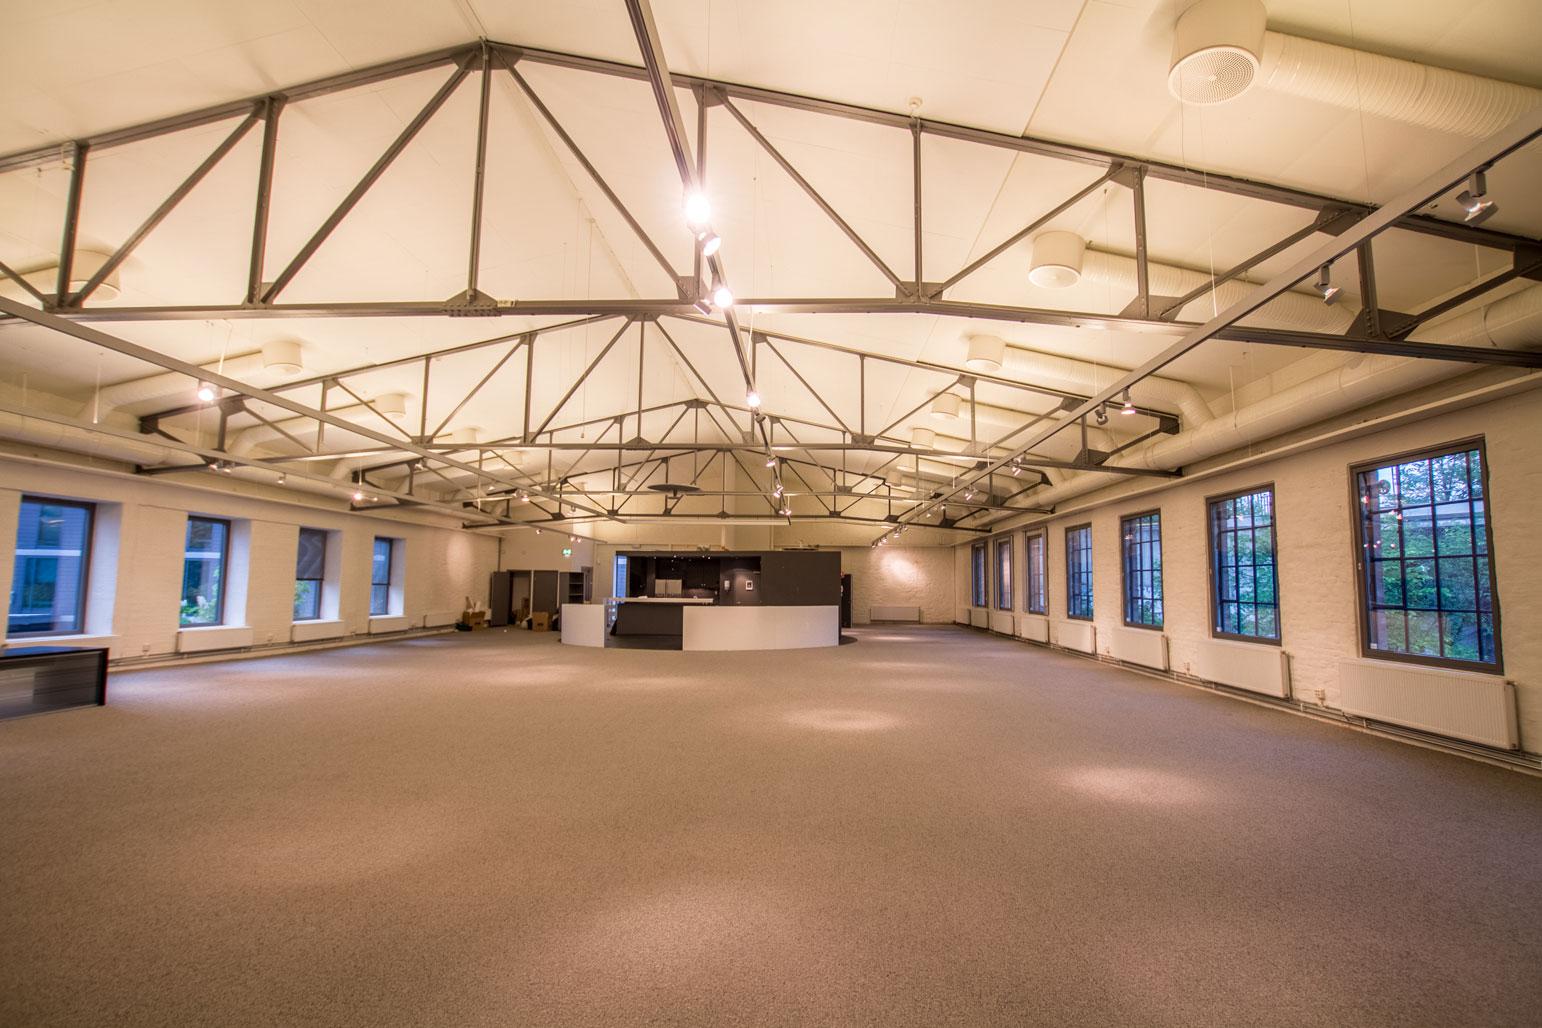 Kontorrama takker Bomullsfabrikken for 11 gode år.Historien fortsetter i Timms Reperbane.  Velkommen!